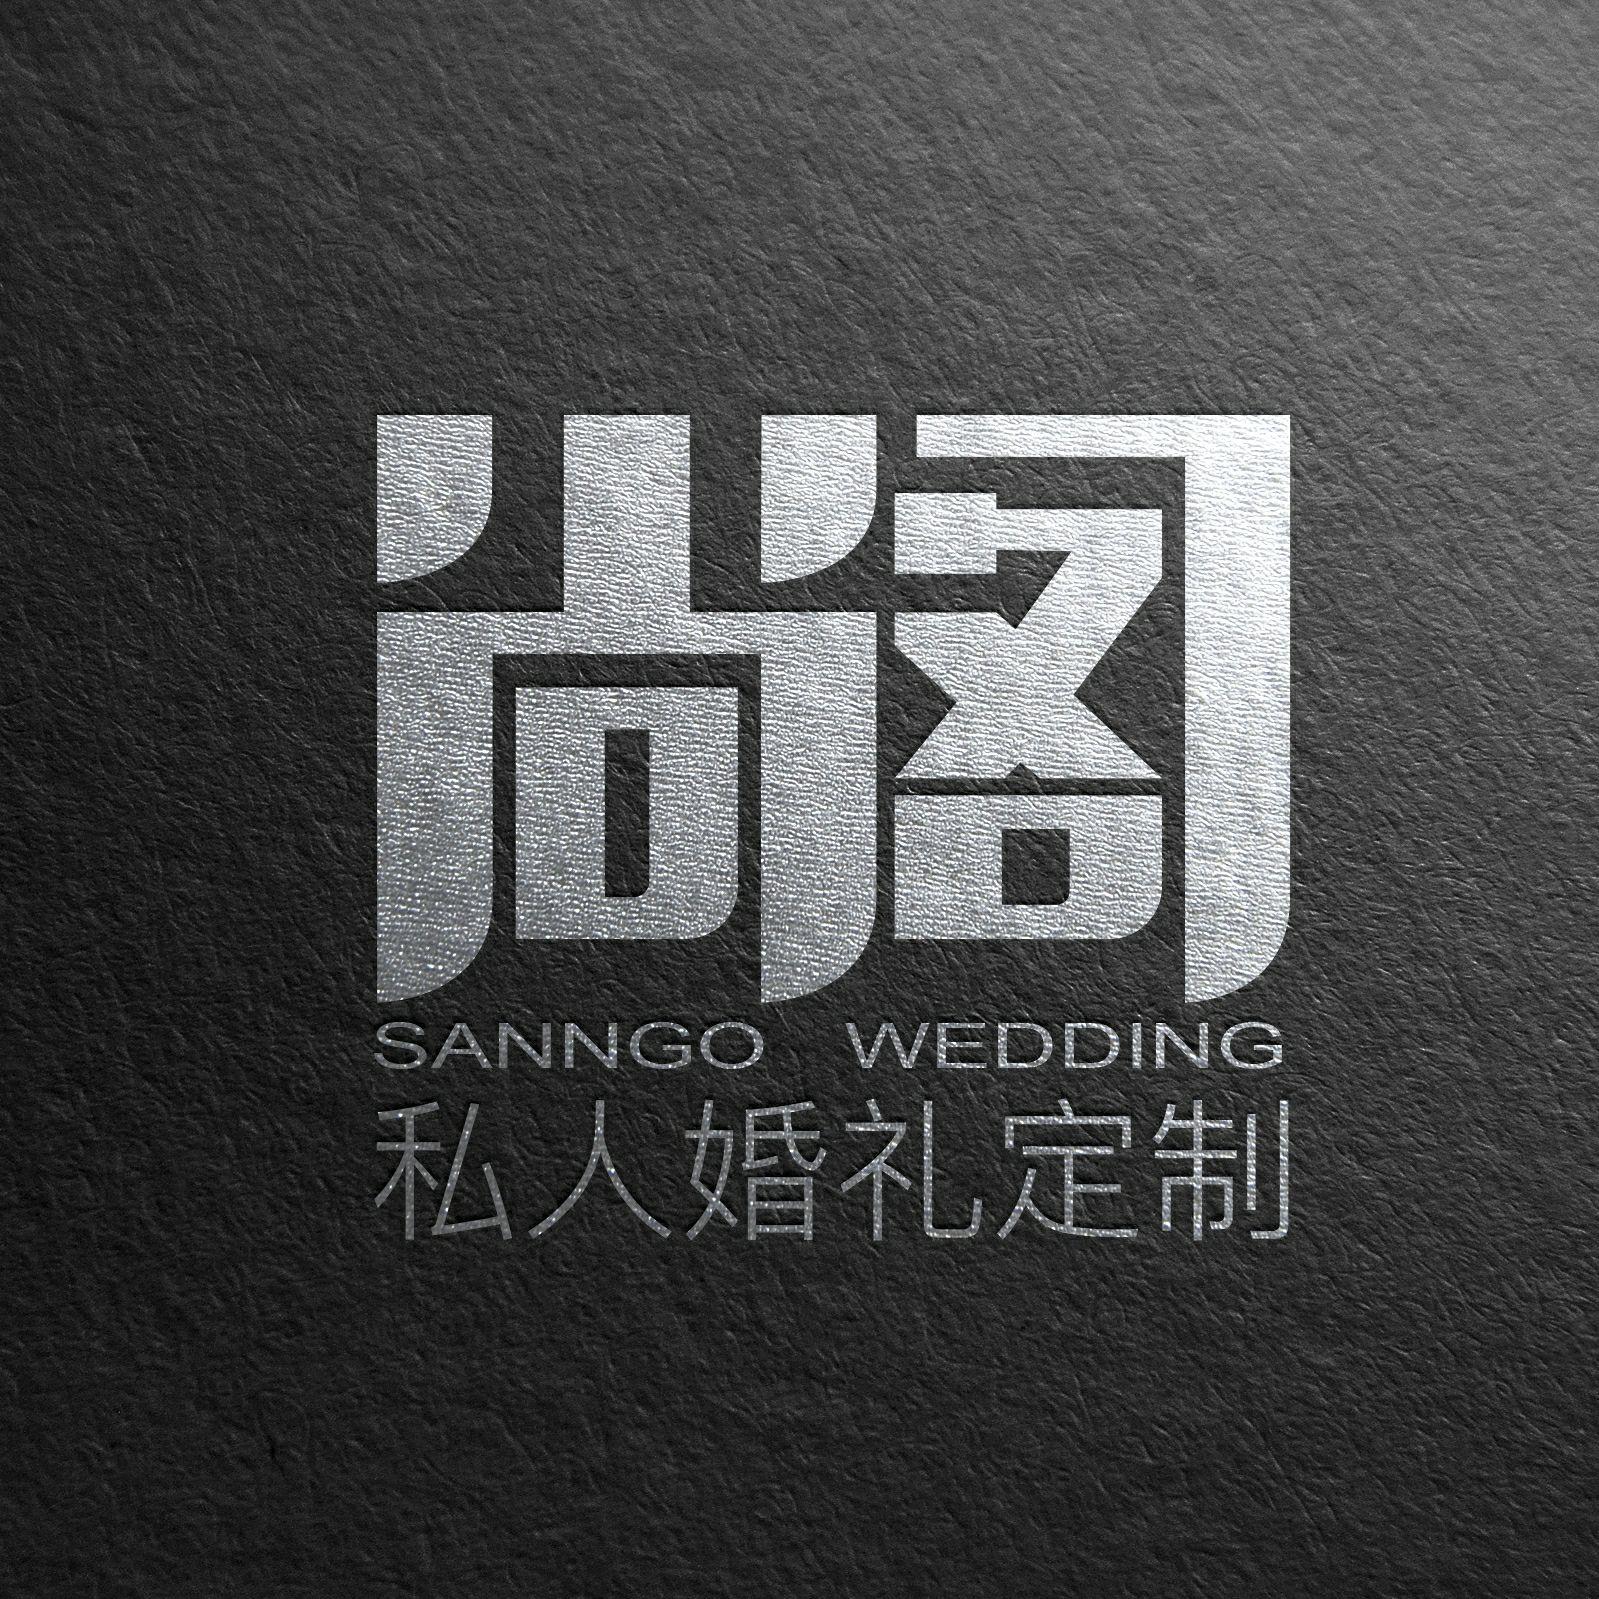 尚阁私人婚礼定制